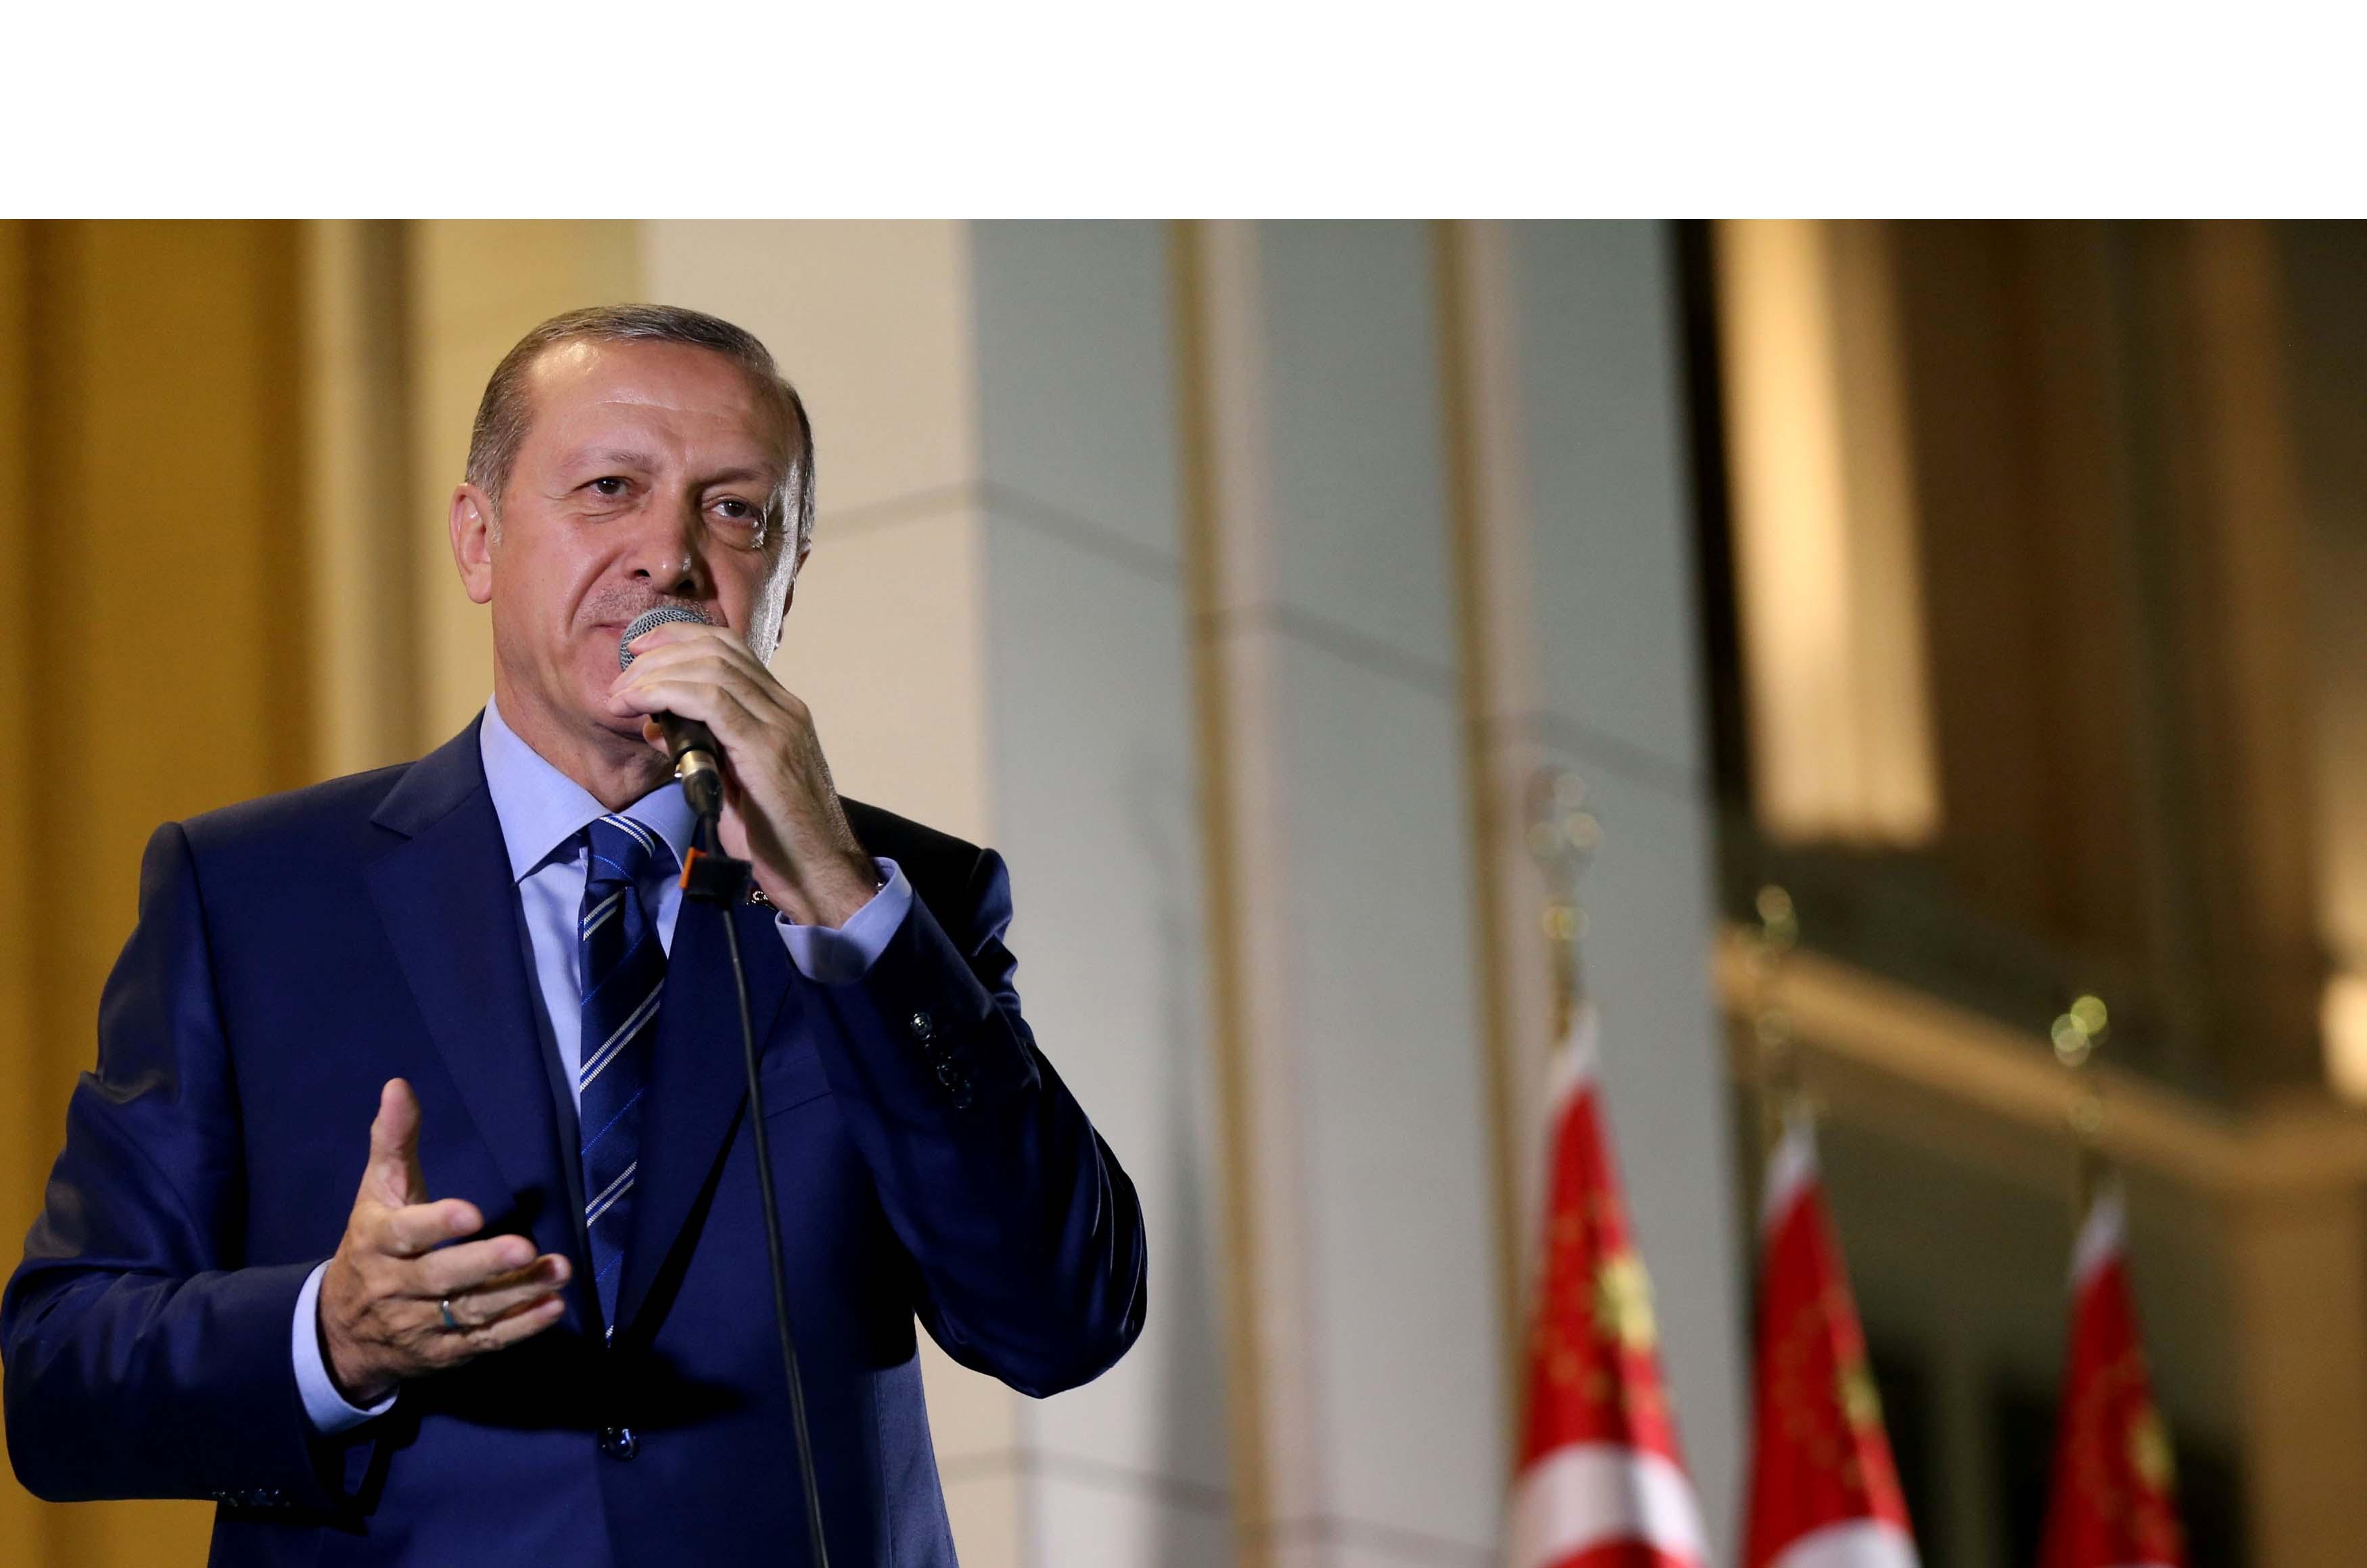 El presidente turco, Recep Tayyip Erdogan y su par ruso, Vladimir Putin, pusieron fin a la crisis diplomática entre ambos países el pasado martes